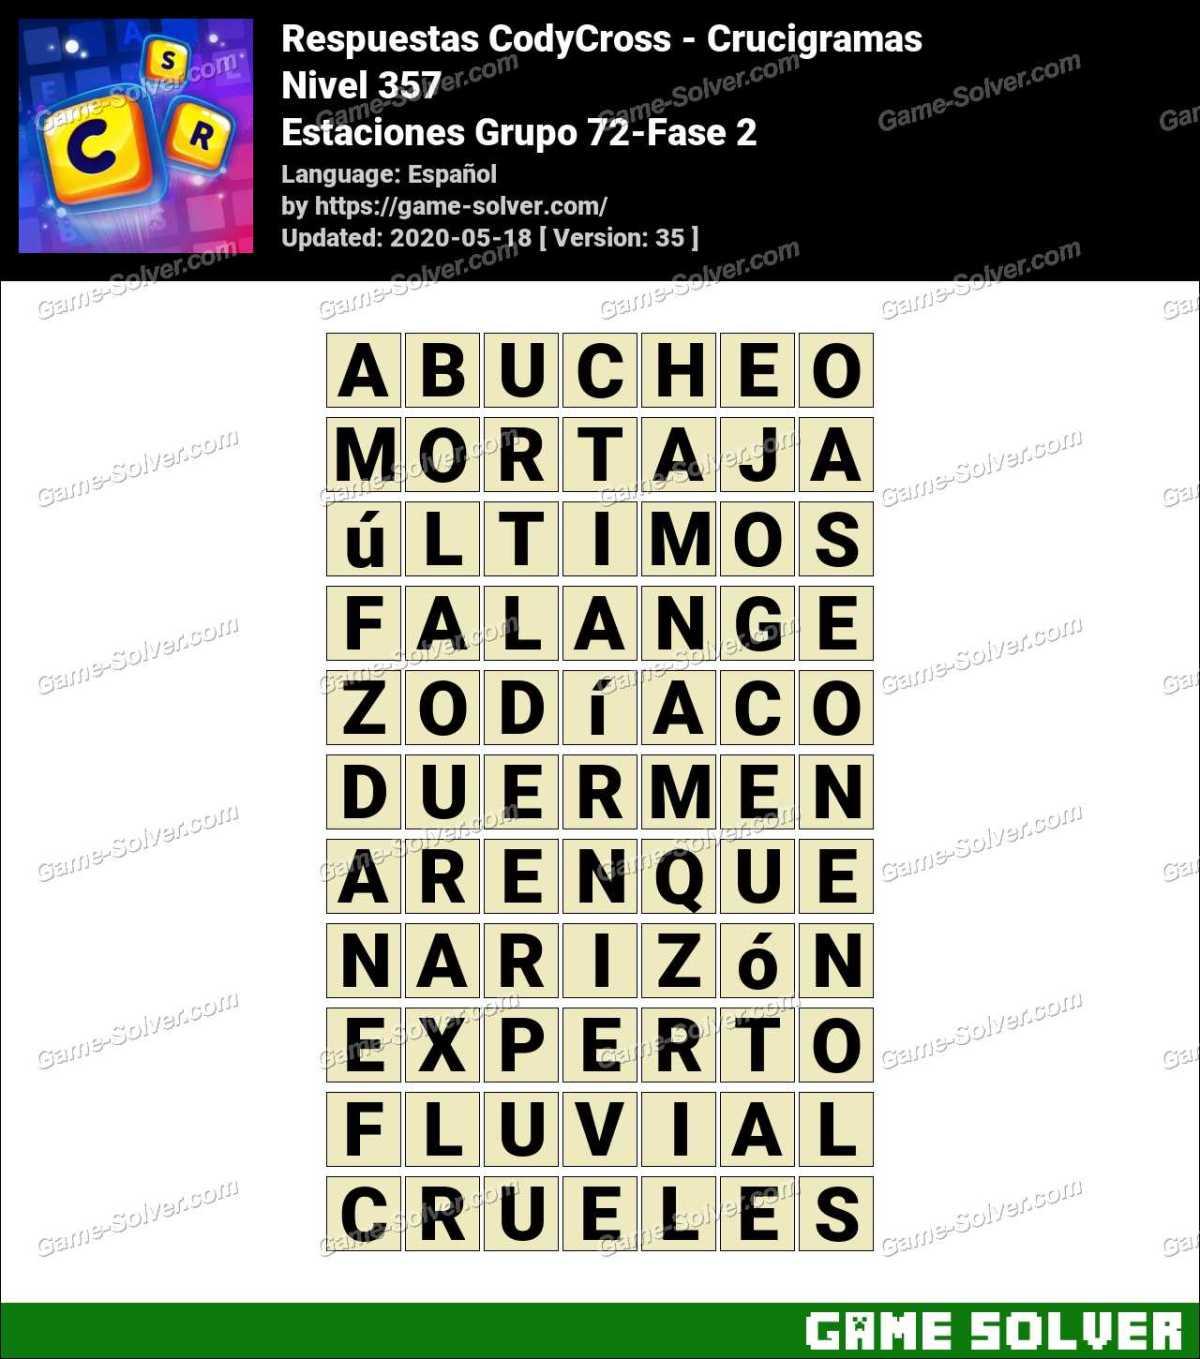 Respuestas CodyCross Estaciones Grupo 72-Fase 2